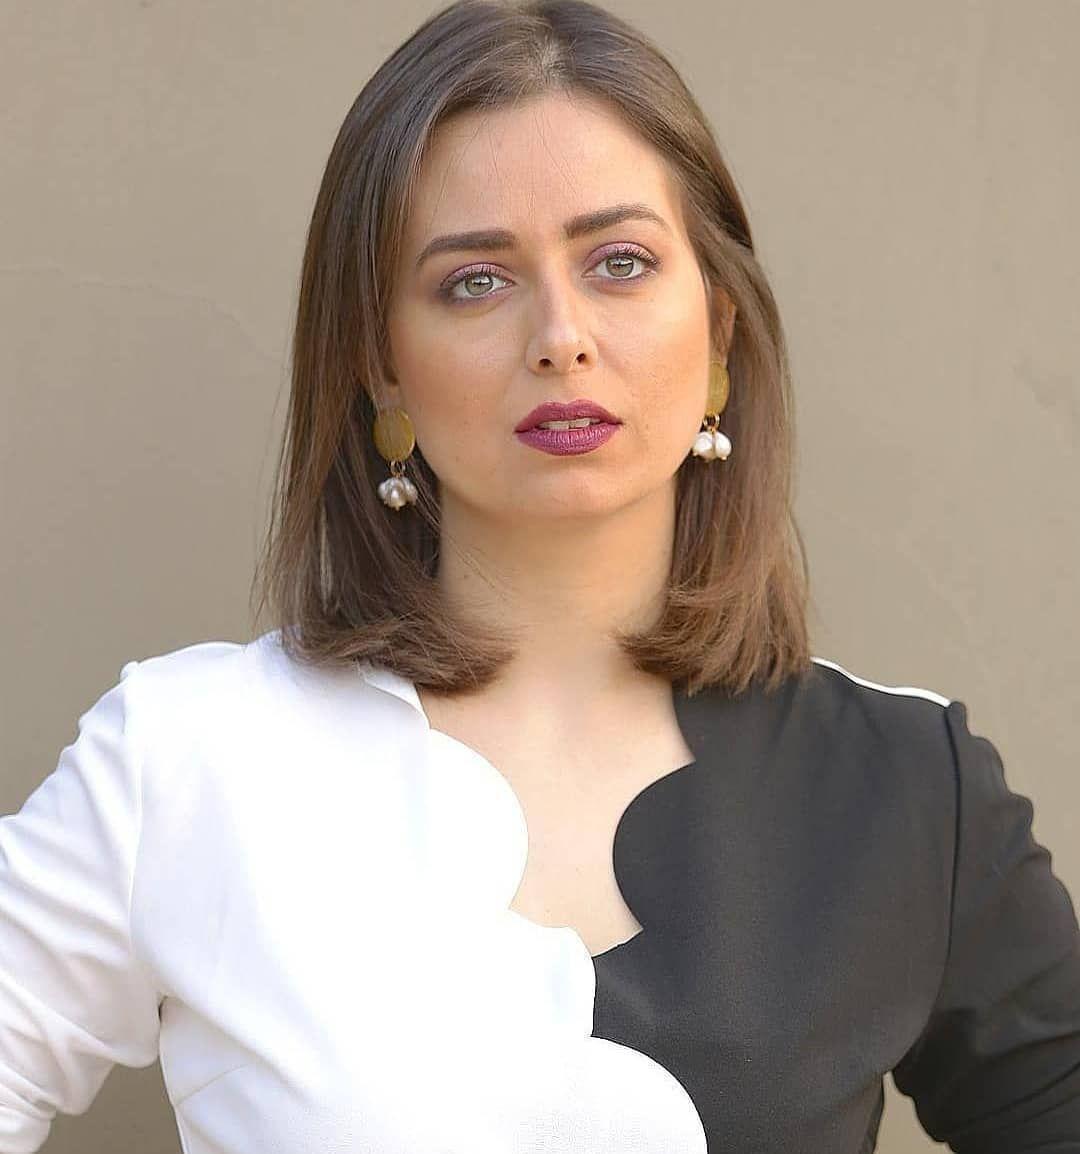 Heba Magdy Baby Face Beauty Arab Beauty Egyptian Actress Arabian Beauty